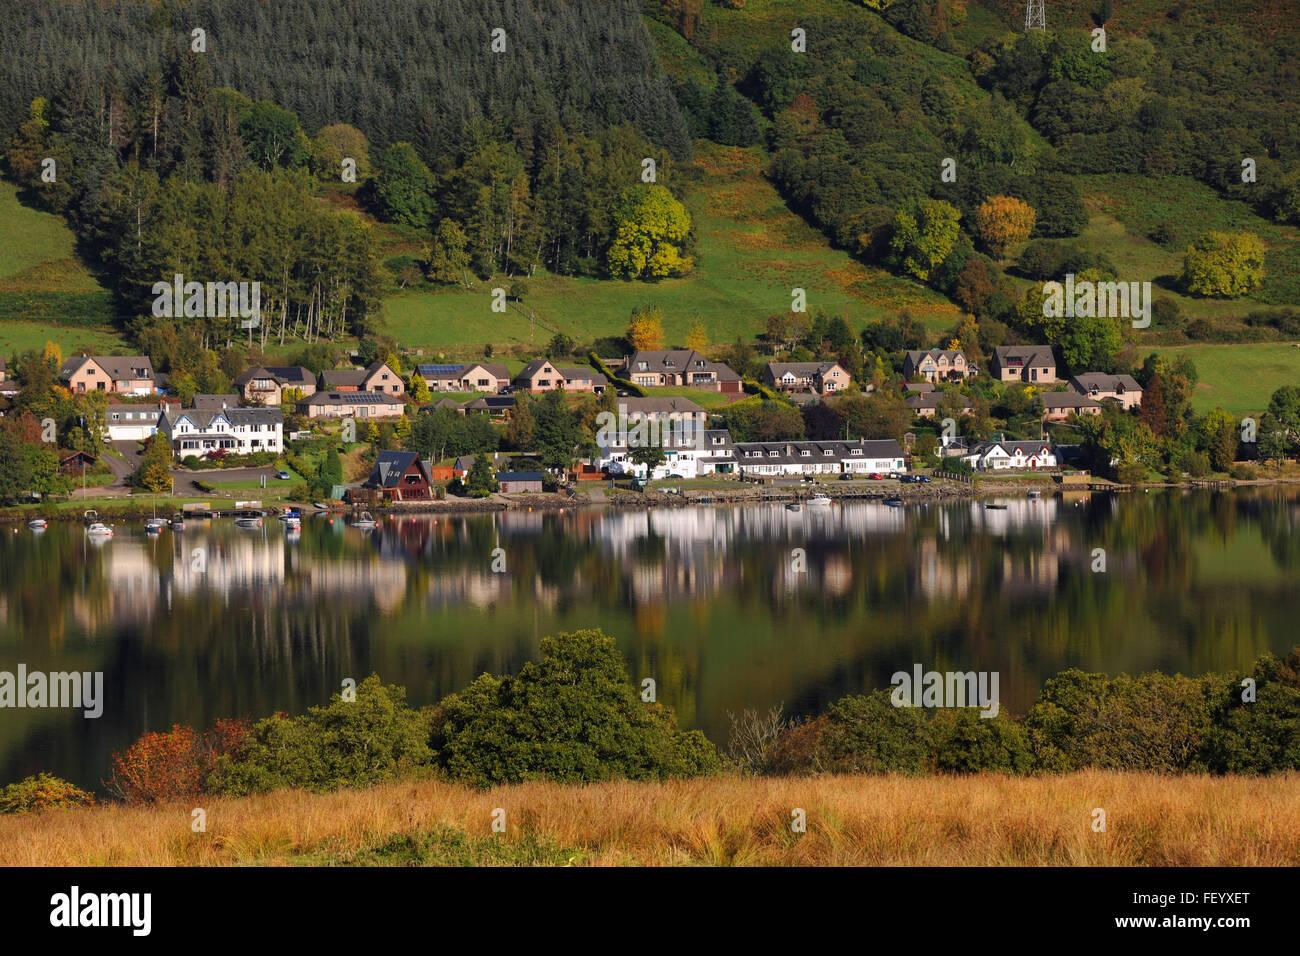 Lochearnhead, Loch Earn, Stirling Region - Stock Image